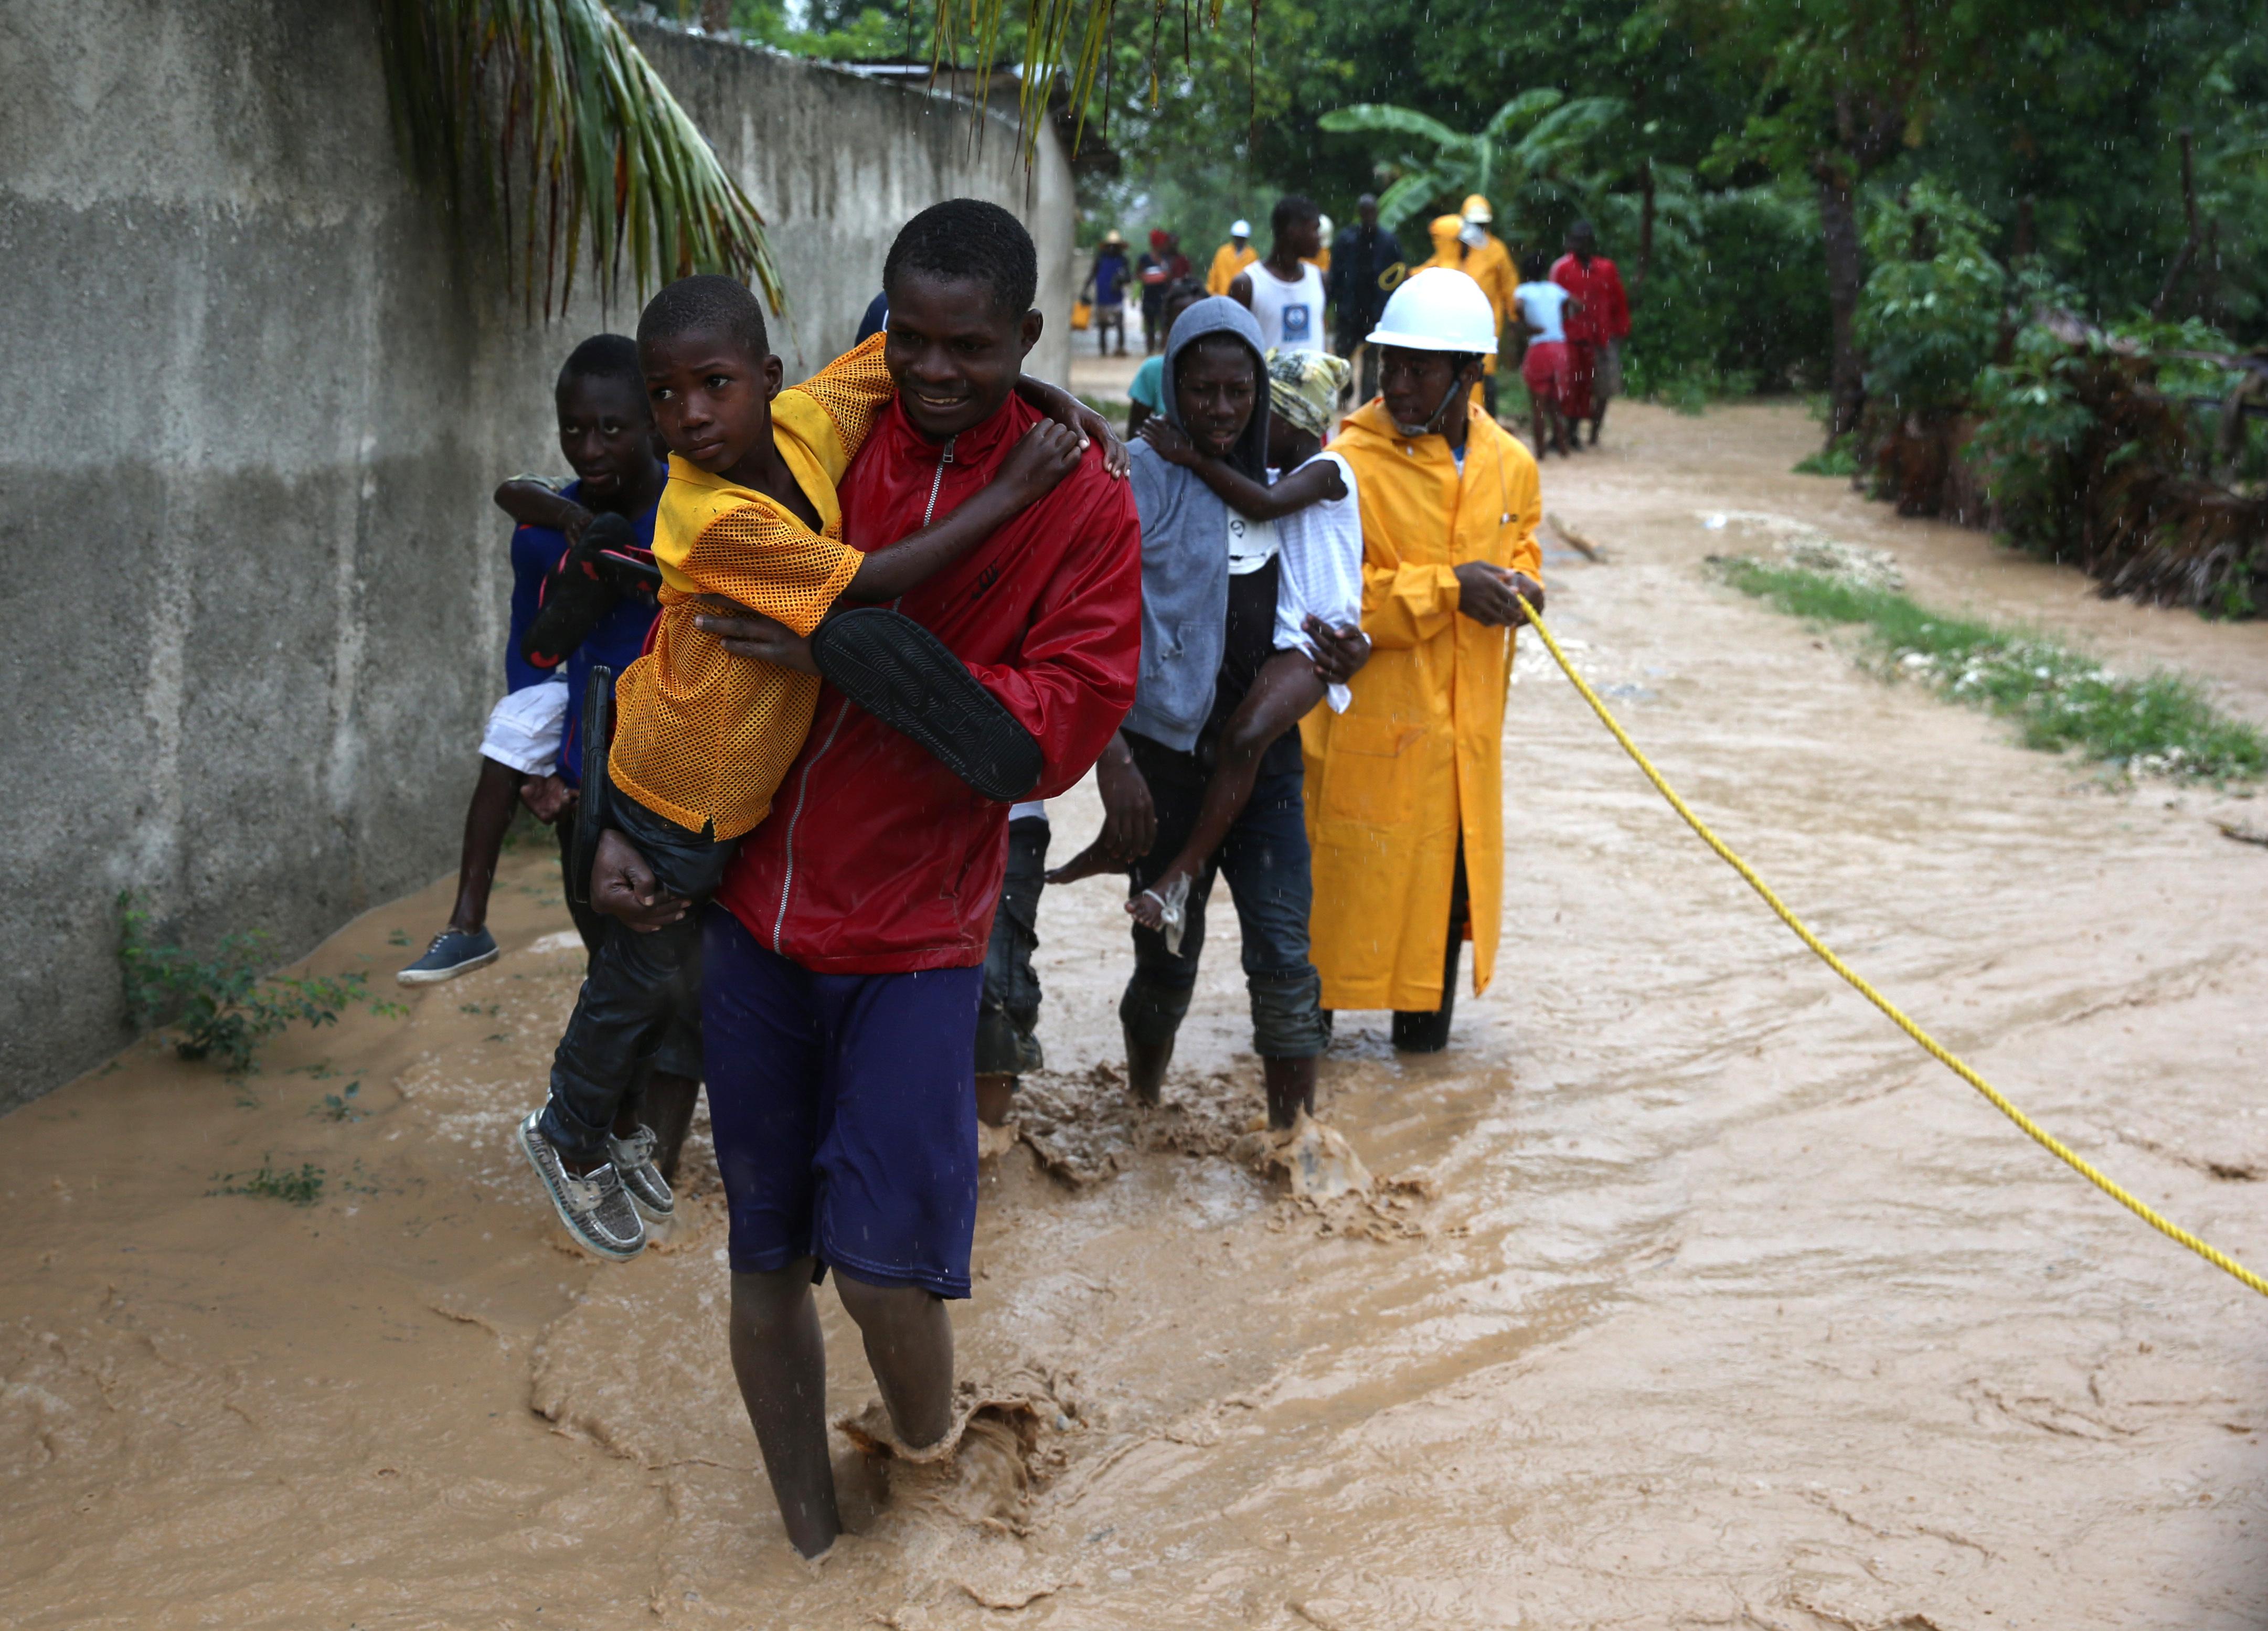 Como Es Vivir En Haiti terremoto haití | ayuda haití | plan international spain